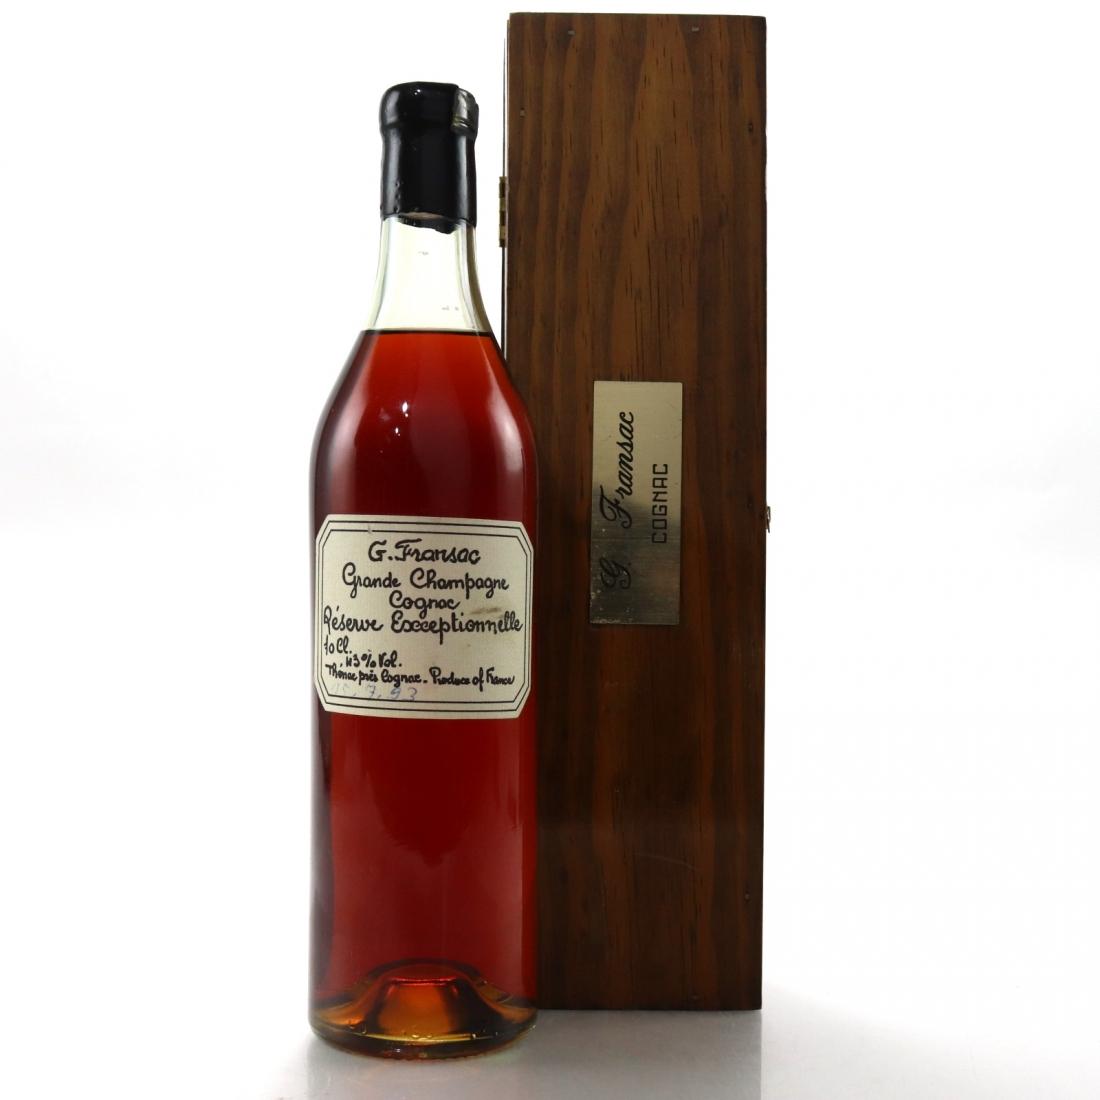 G. Fransac Grande Champagne Cognac Reserve Exceptionnelle